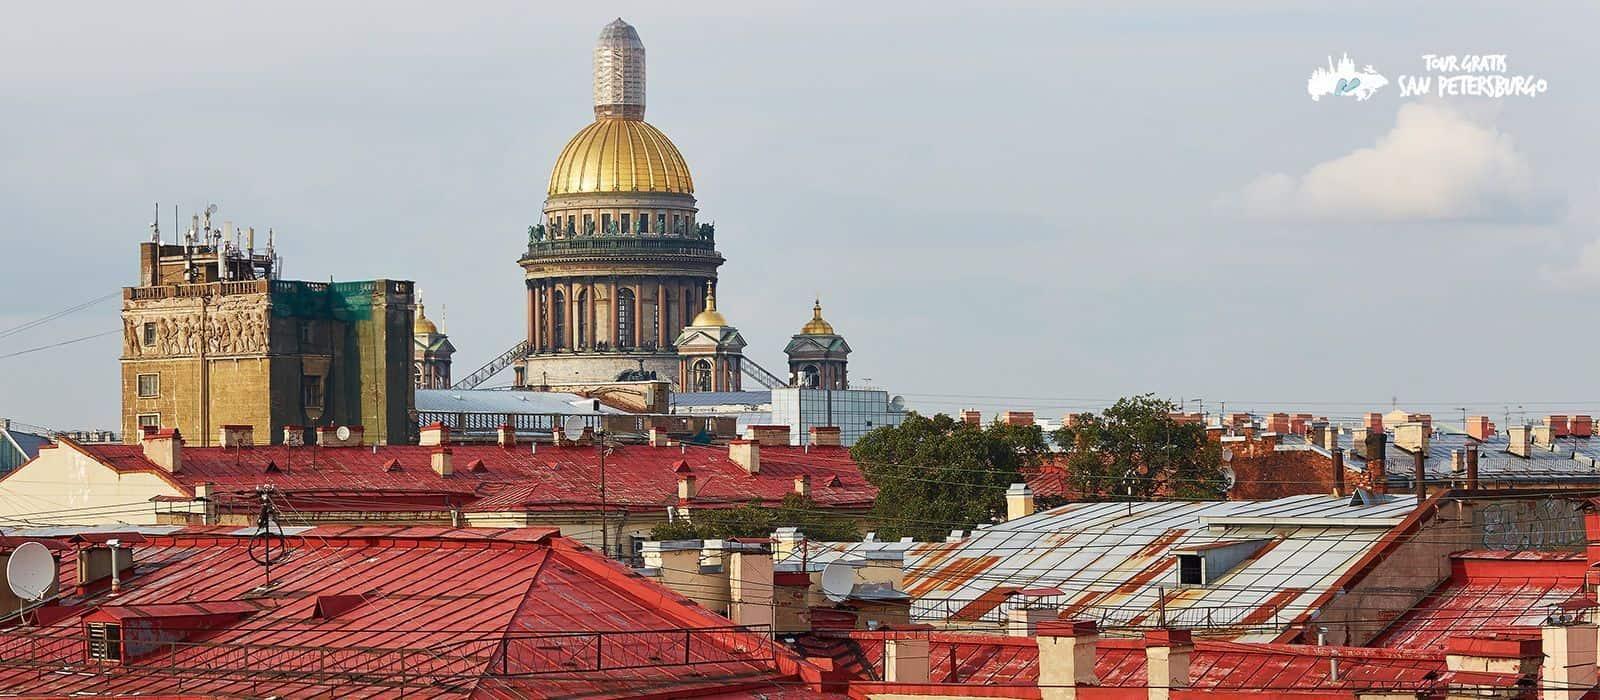 Excursión en los Tejados de San Petersburgo